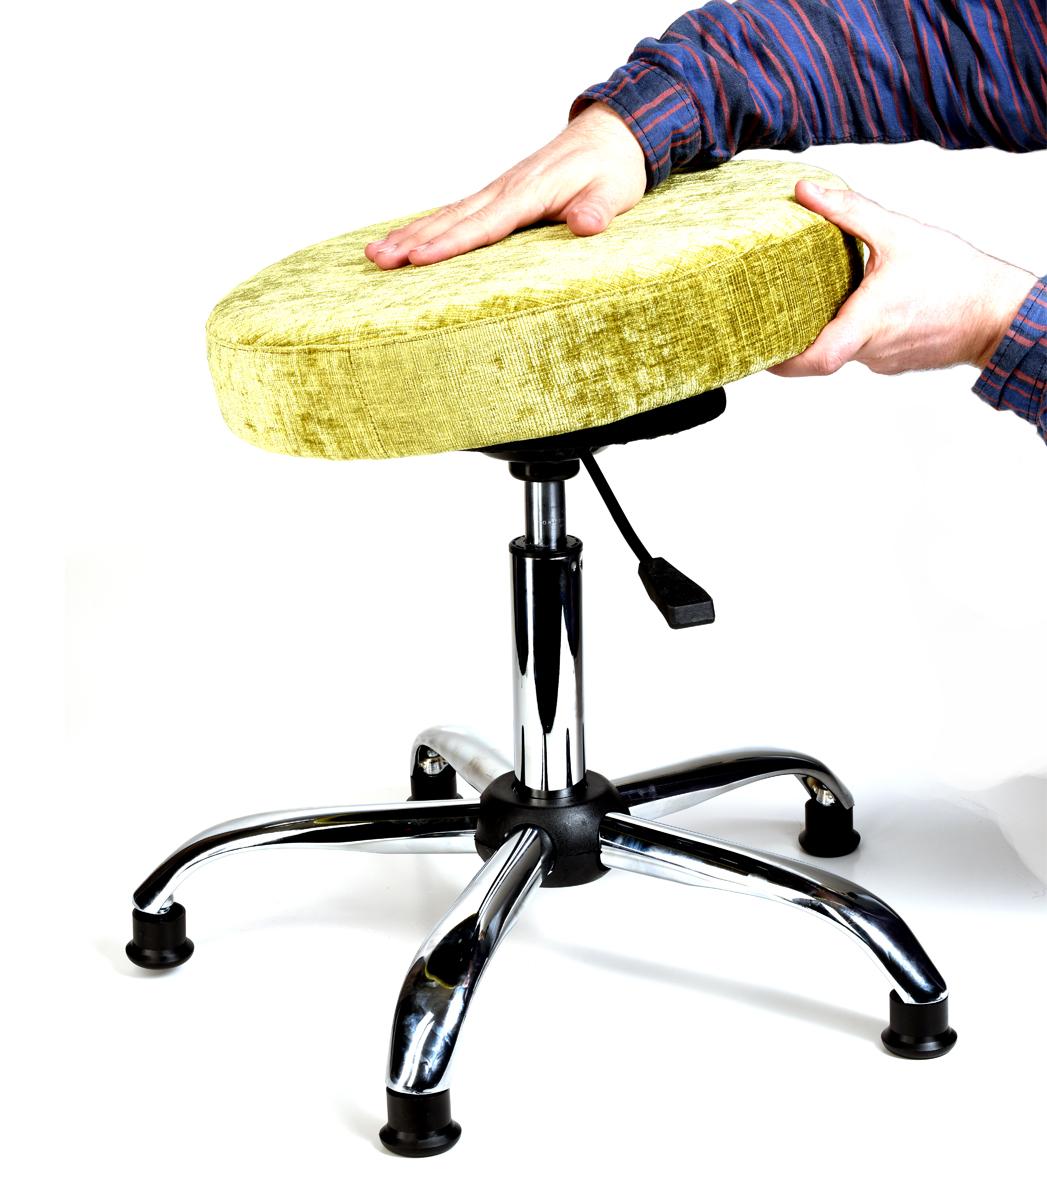 Для лучшей запрессовки деталей, сядьте с усилием на собранный Танцующий Стул